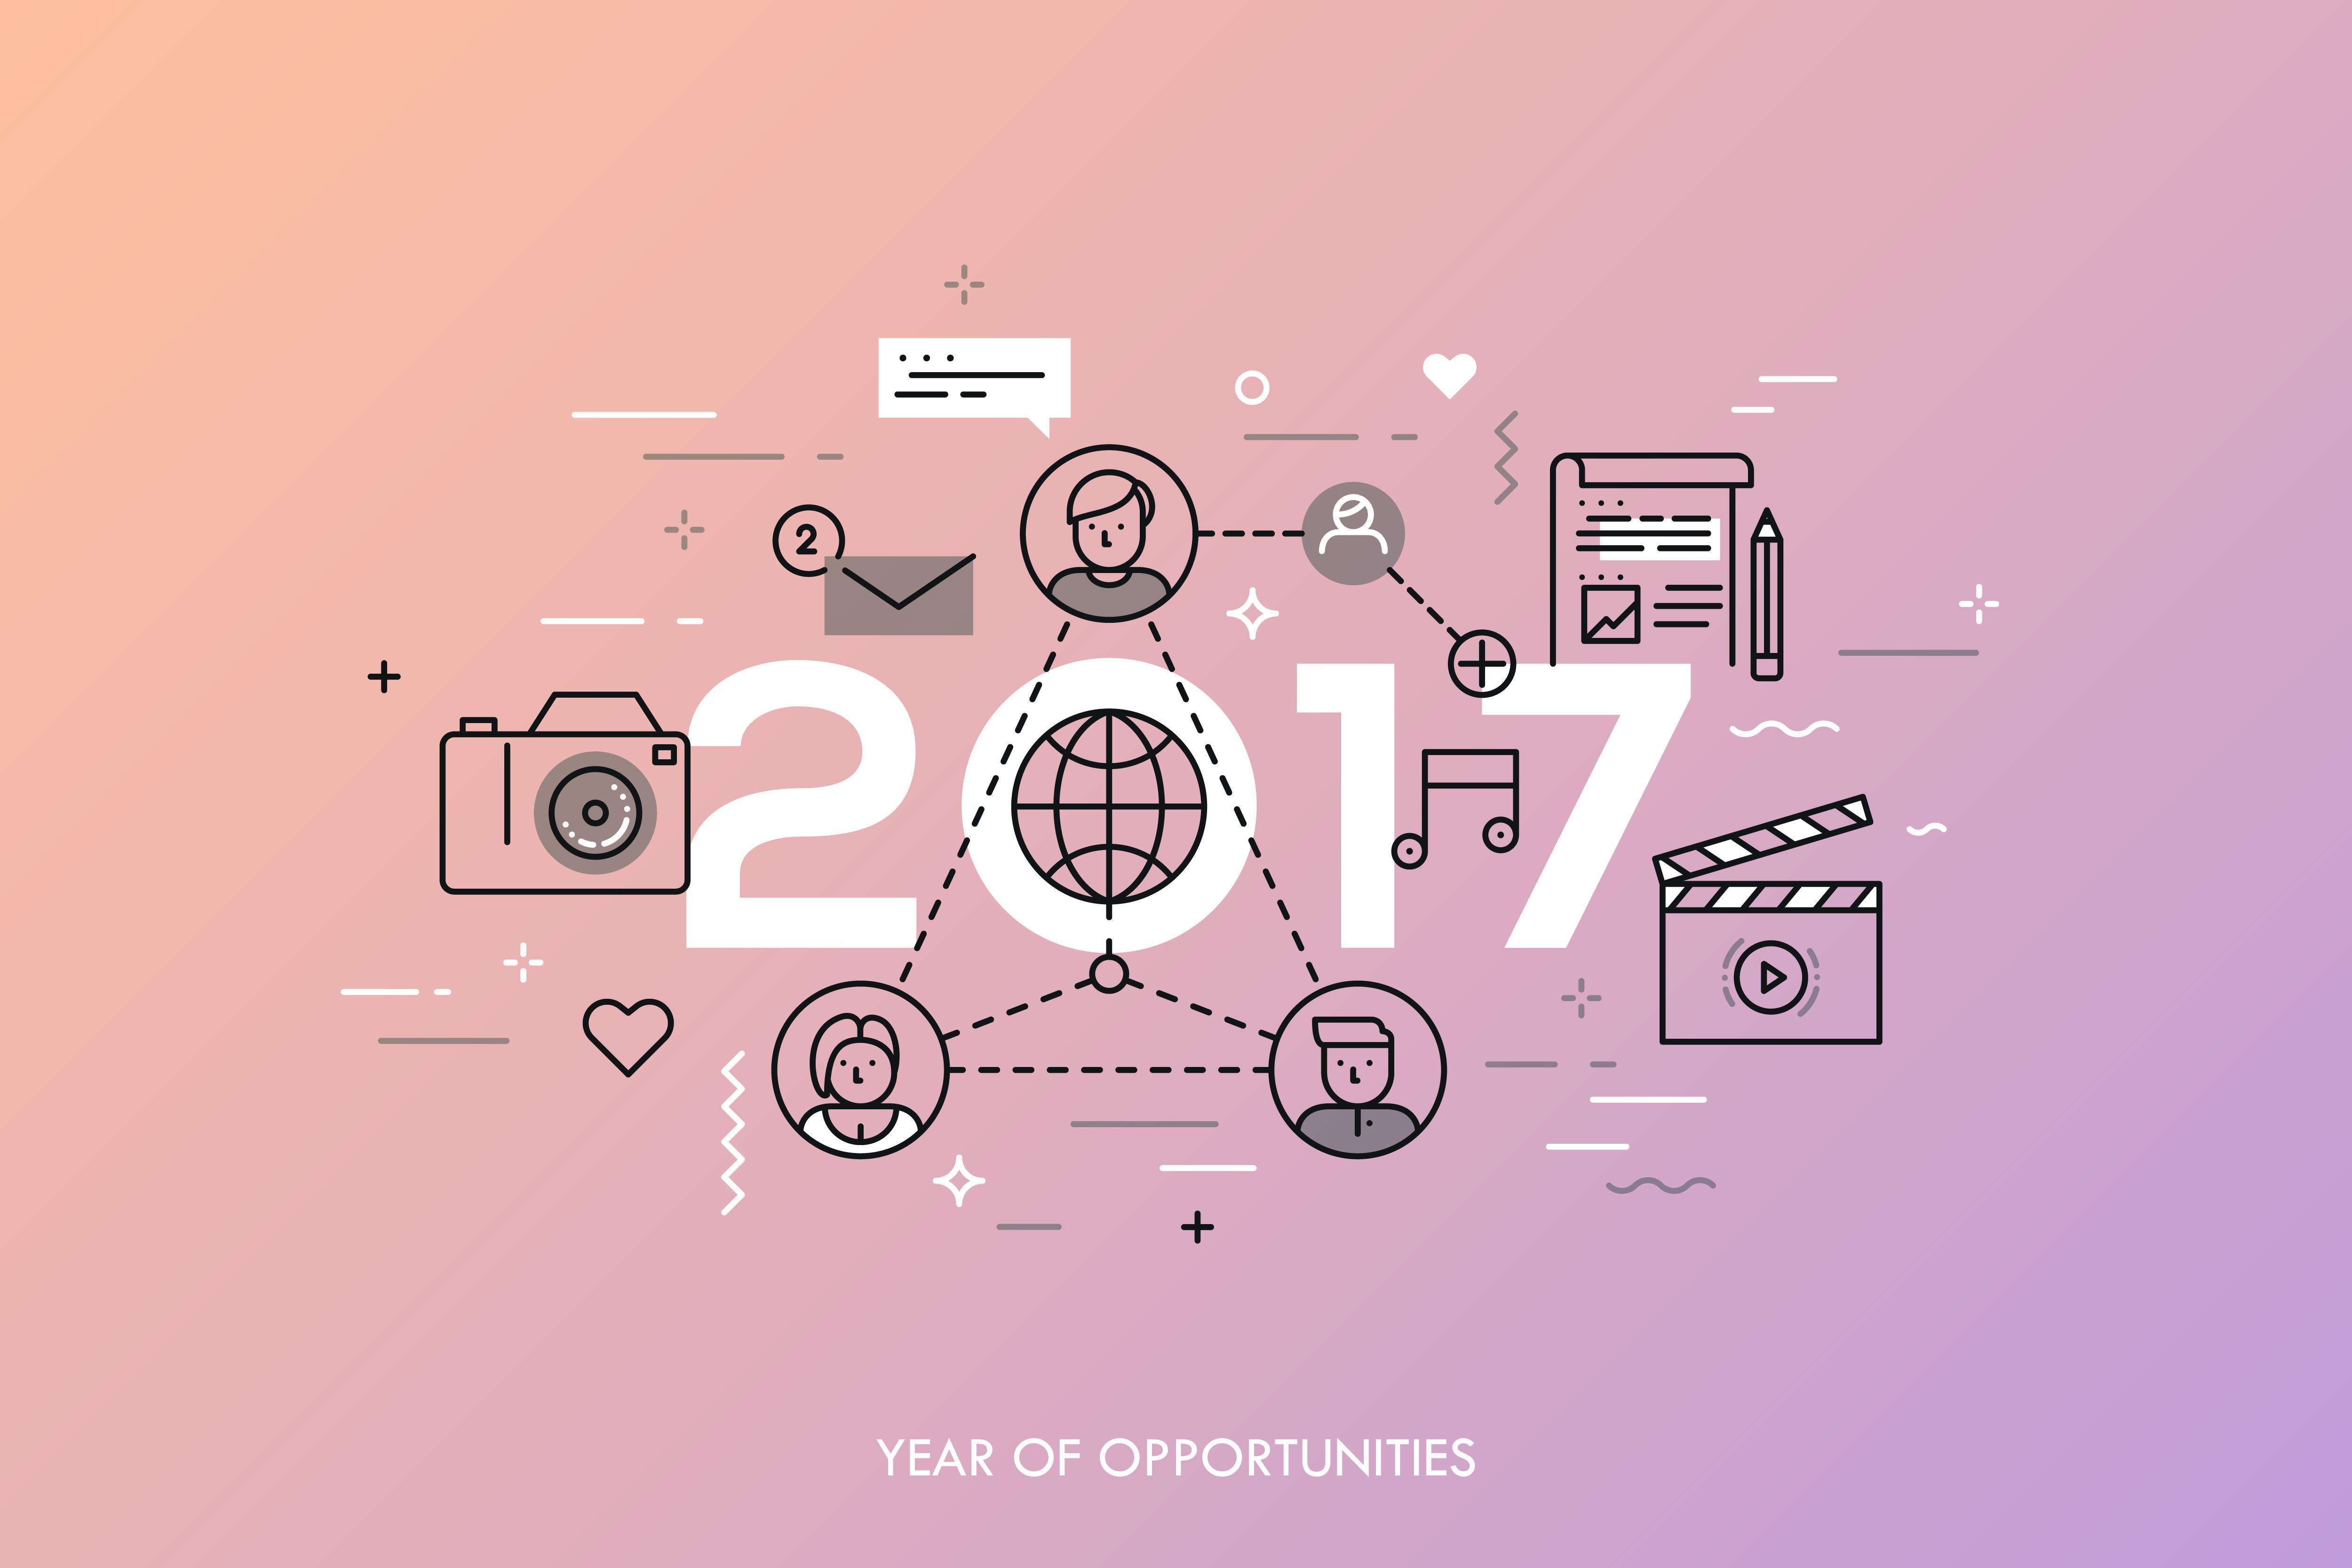 TENDENCIAS DE SOCIAL MEDIA PARA EL 2017